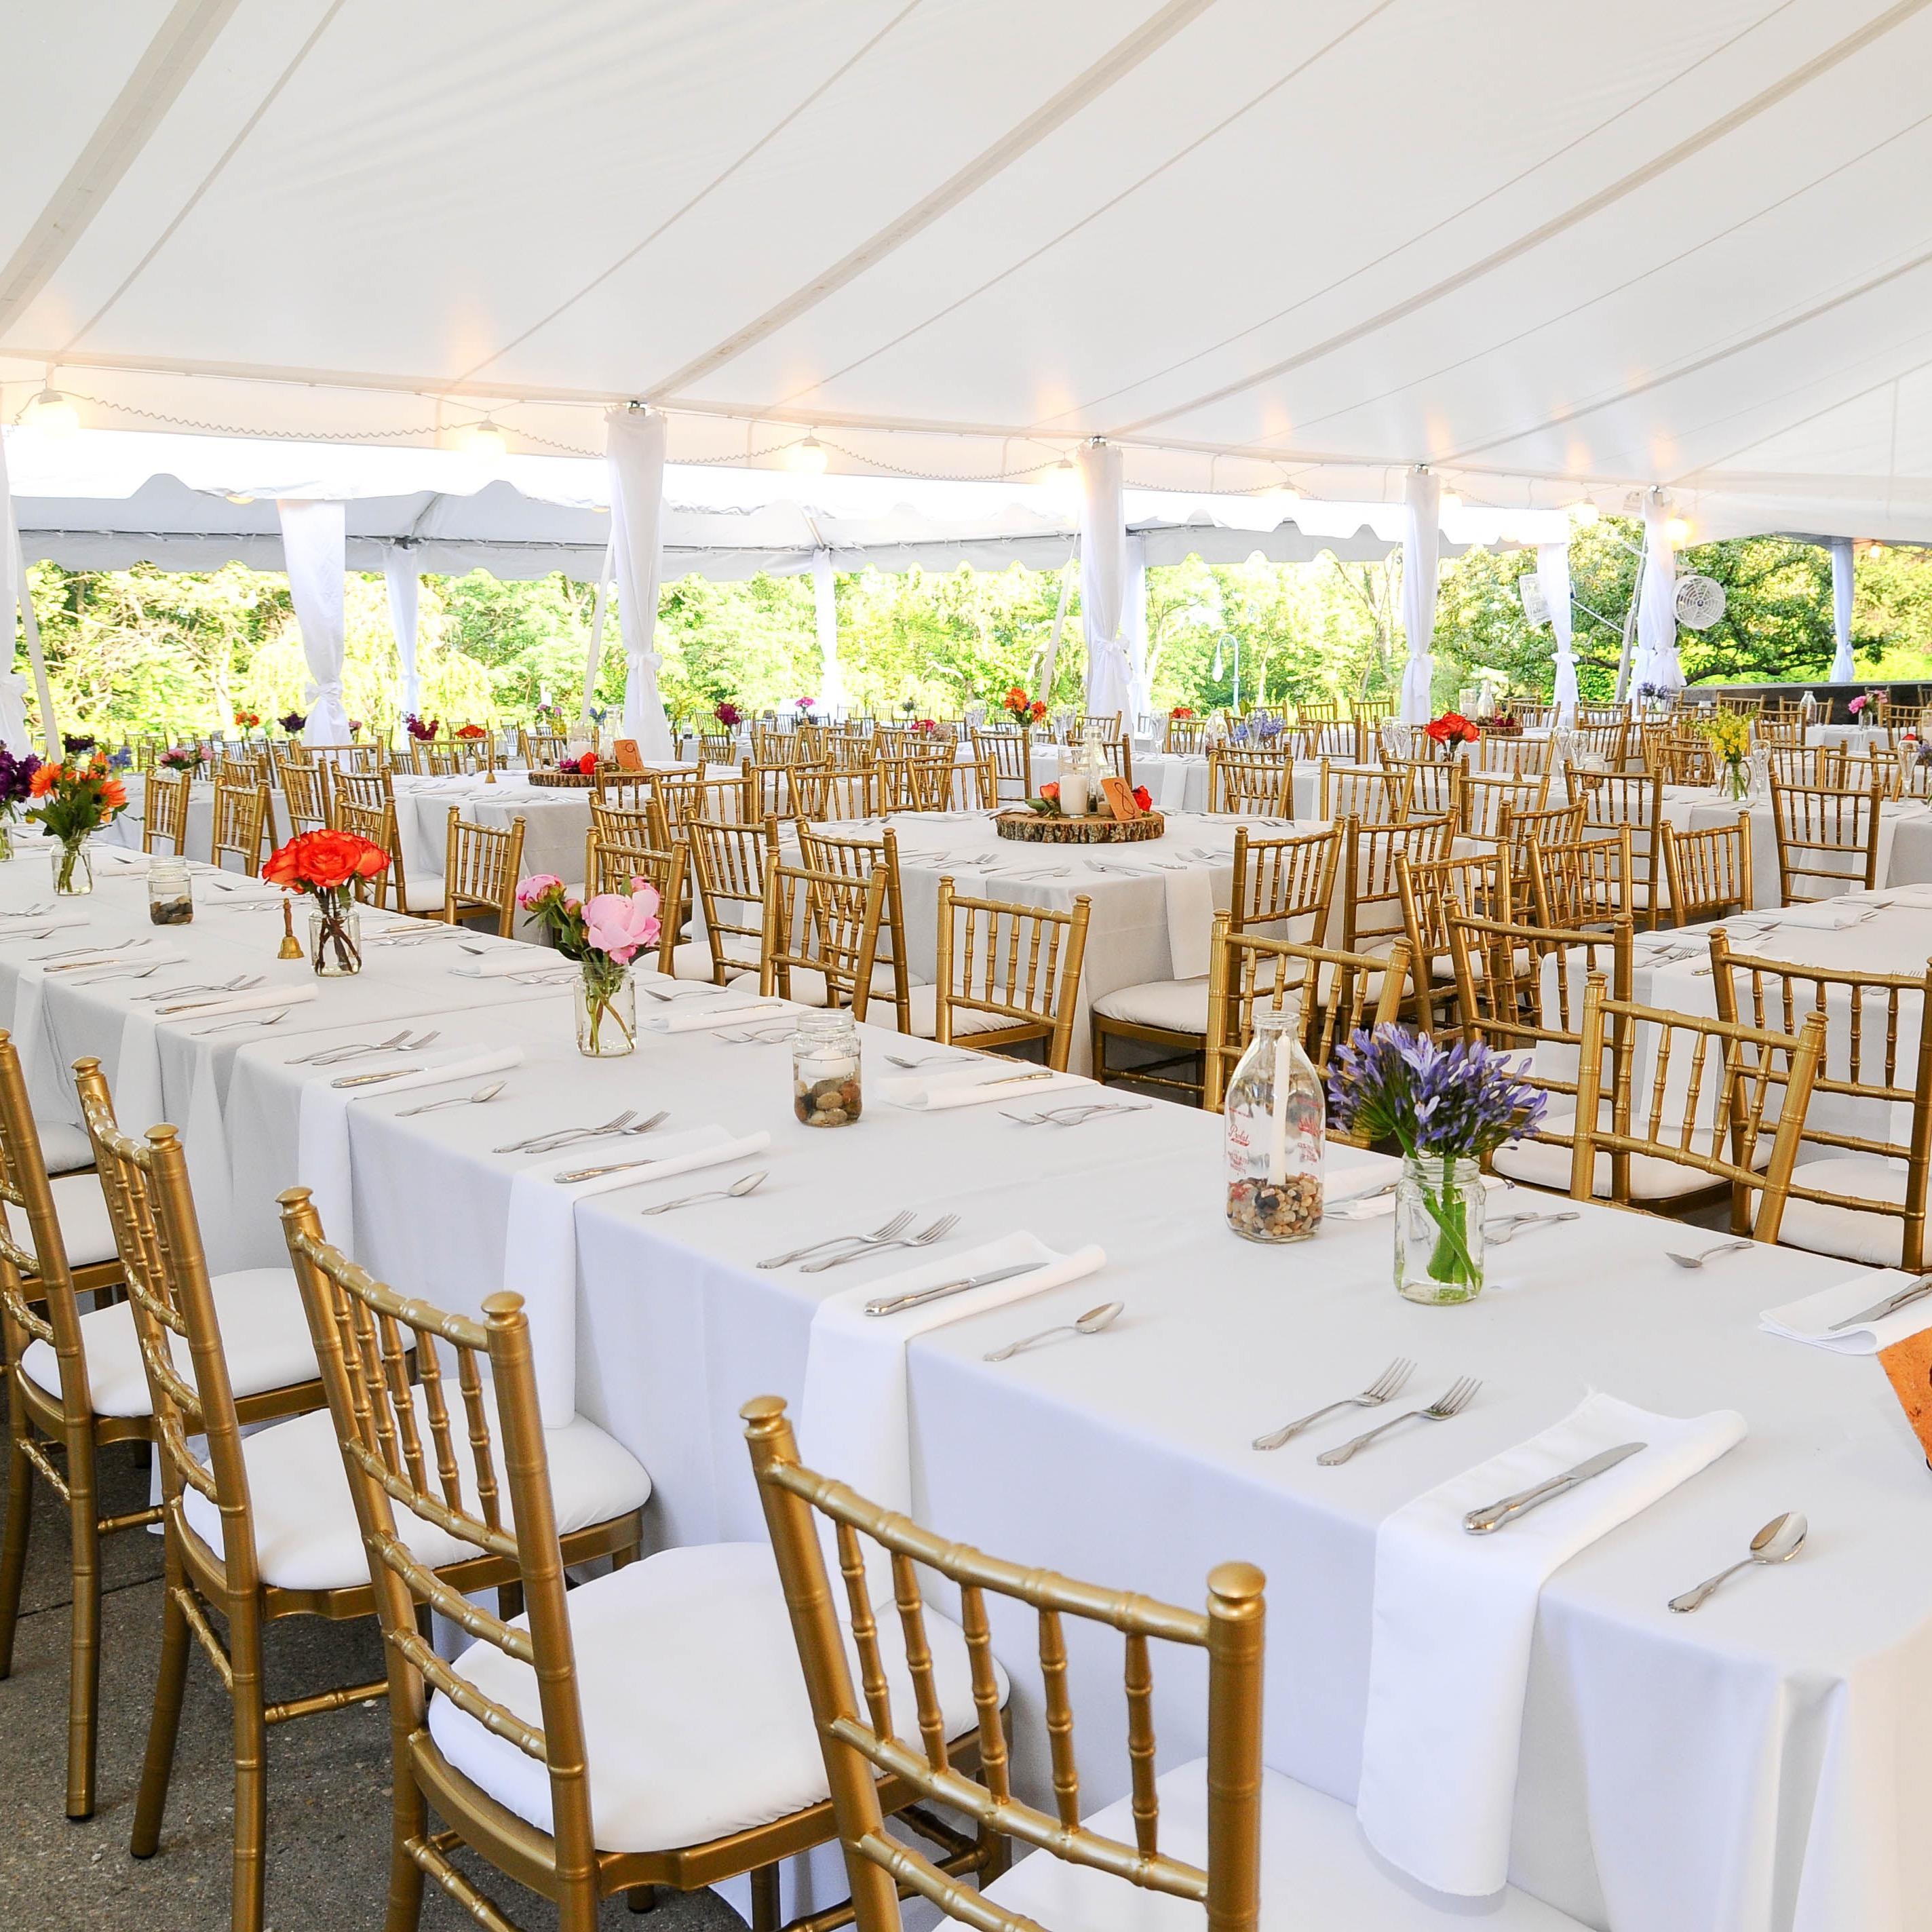 Vonderhaar's Catering, Inc. image 10